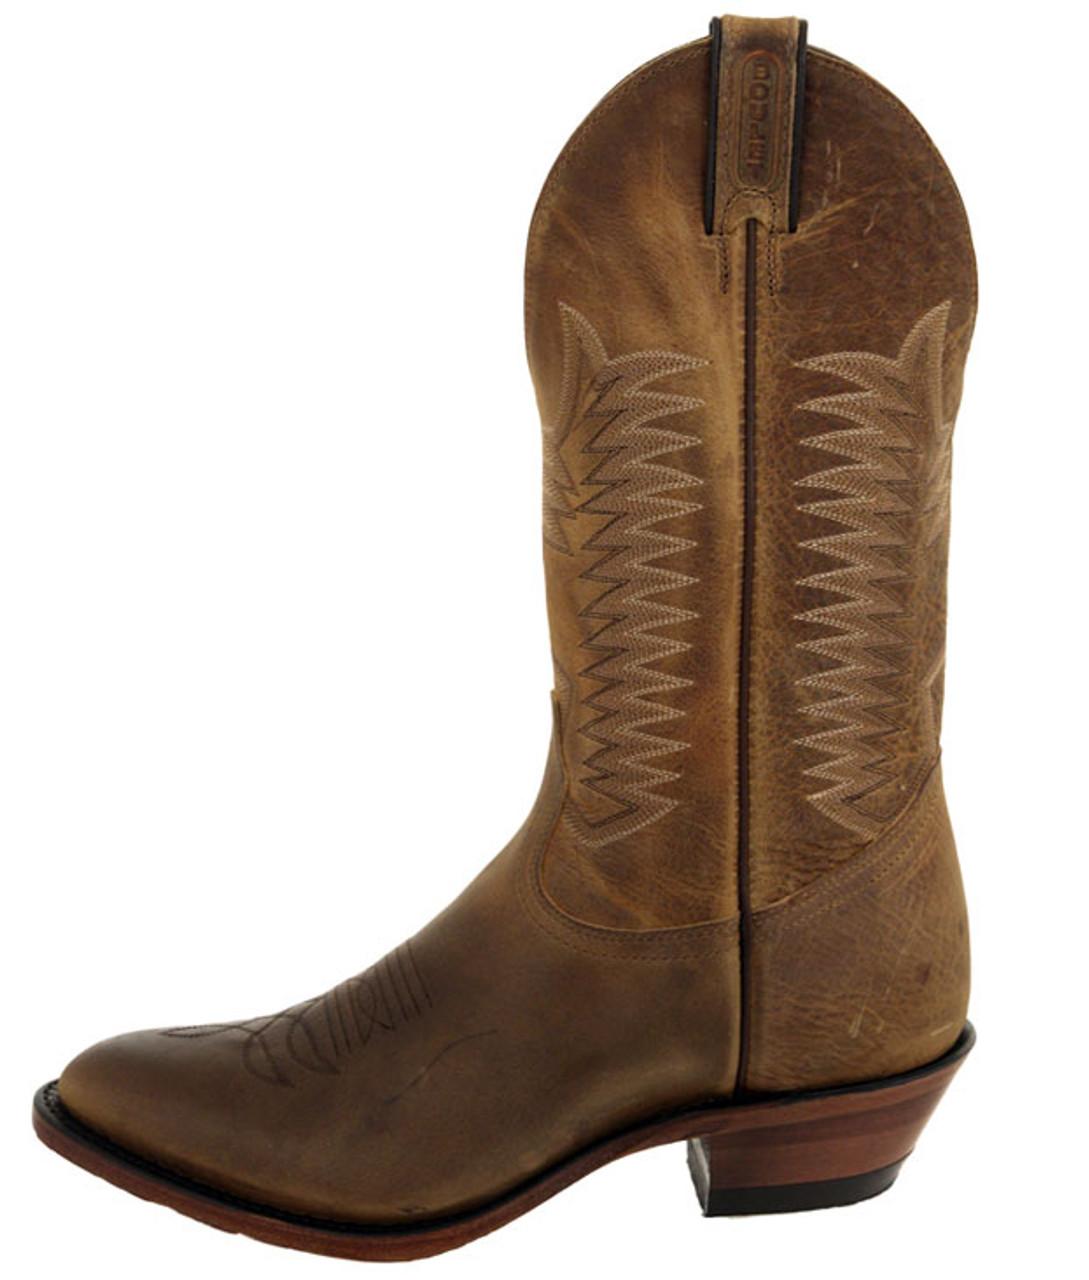 Boulet Cowboy Boots